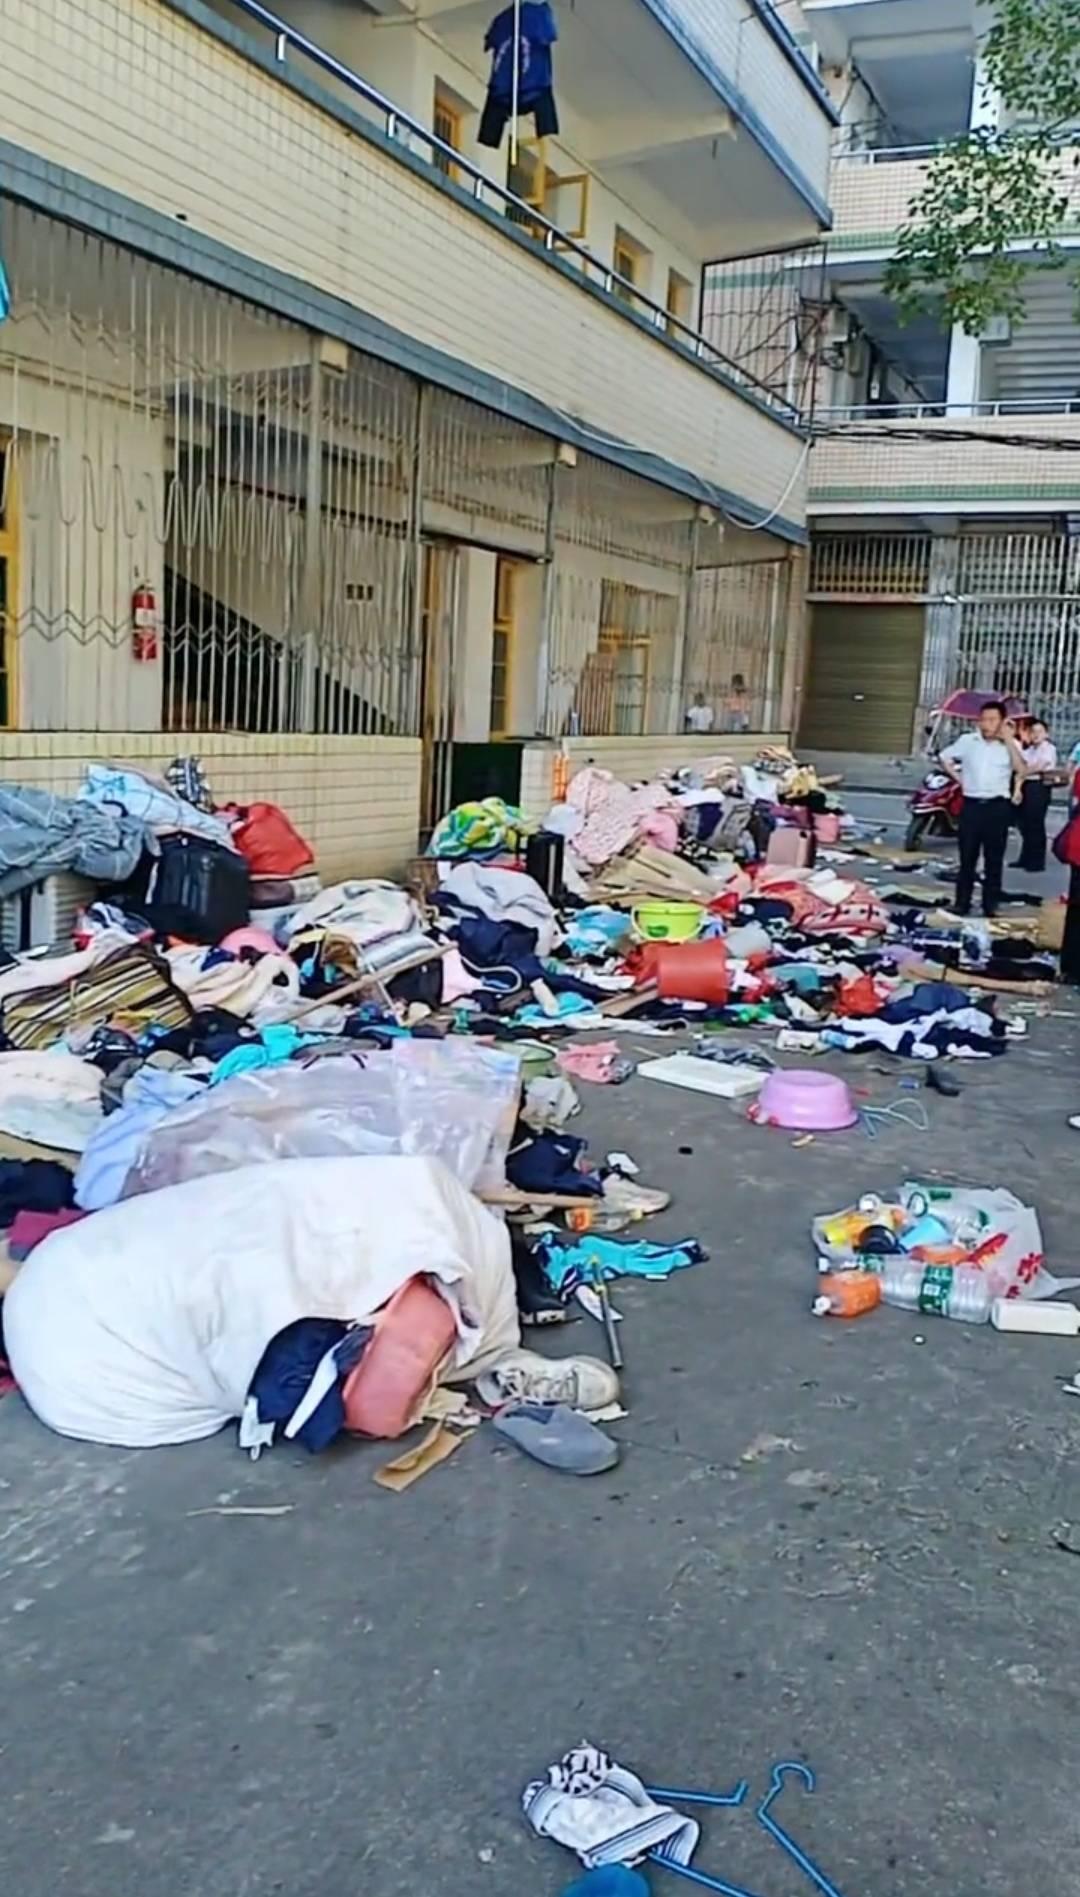 湖南娄底一中学,将学生物品像垃圾一样扔出来,满地都是